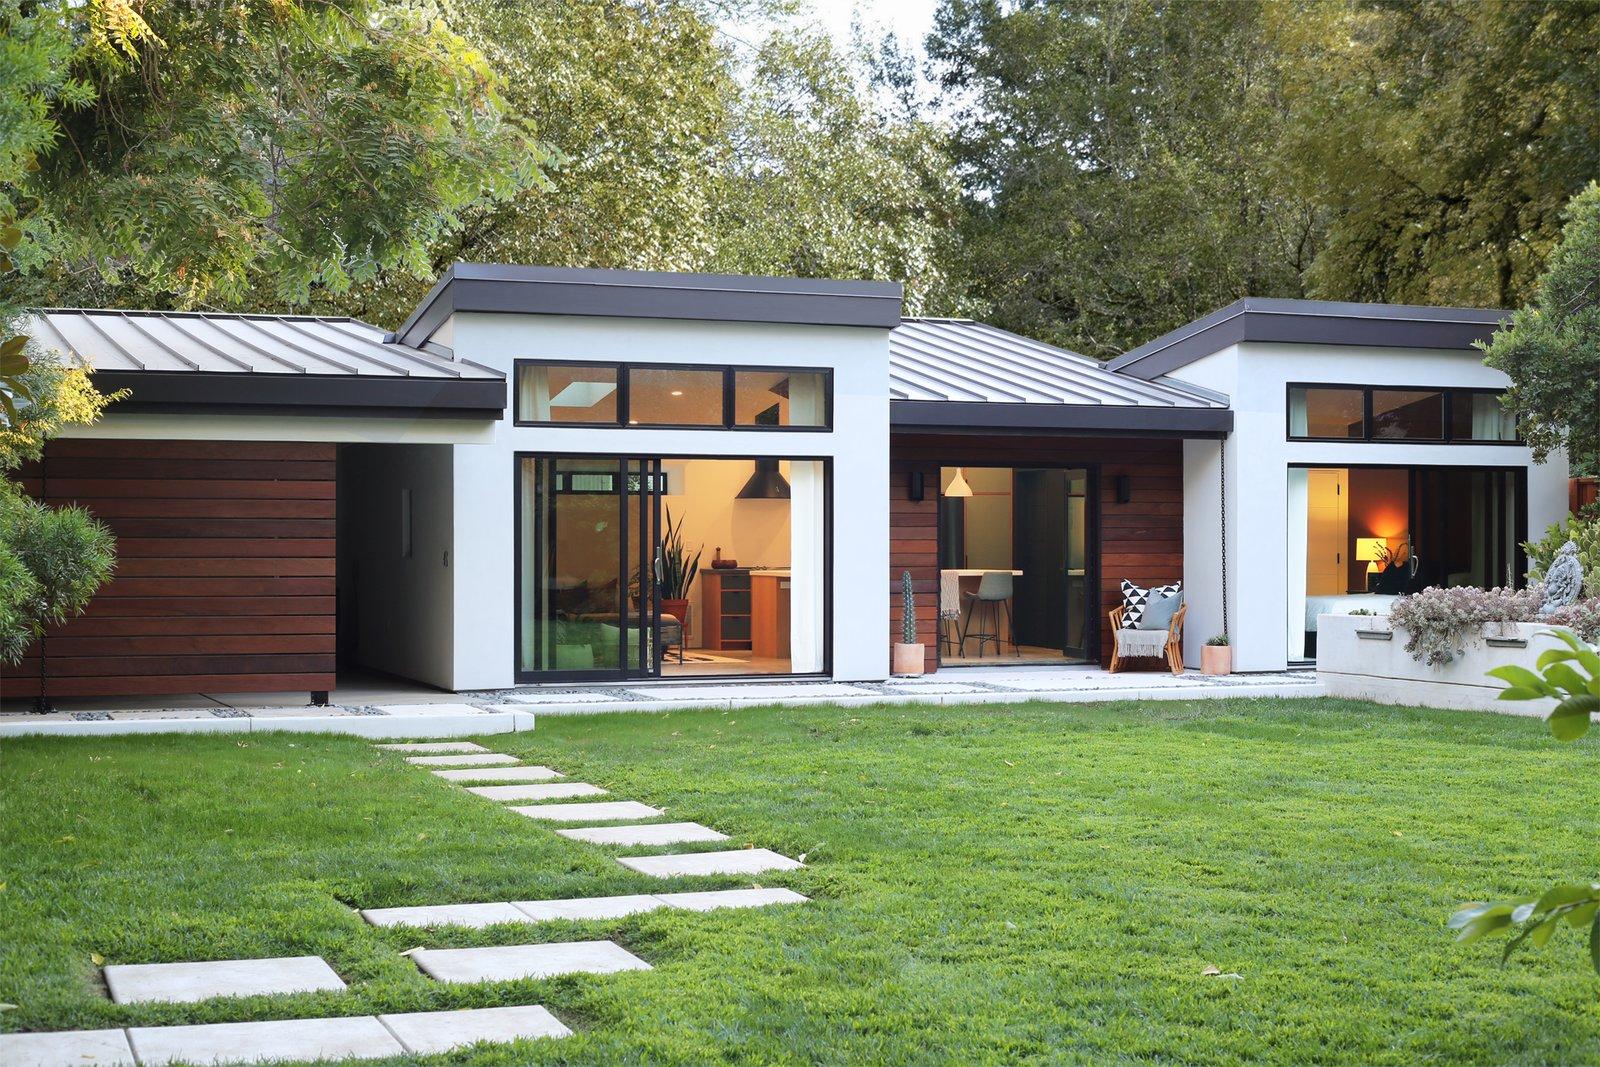 GEN M ARCHITECTURE-designed home